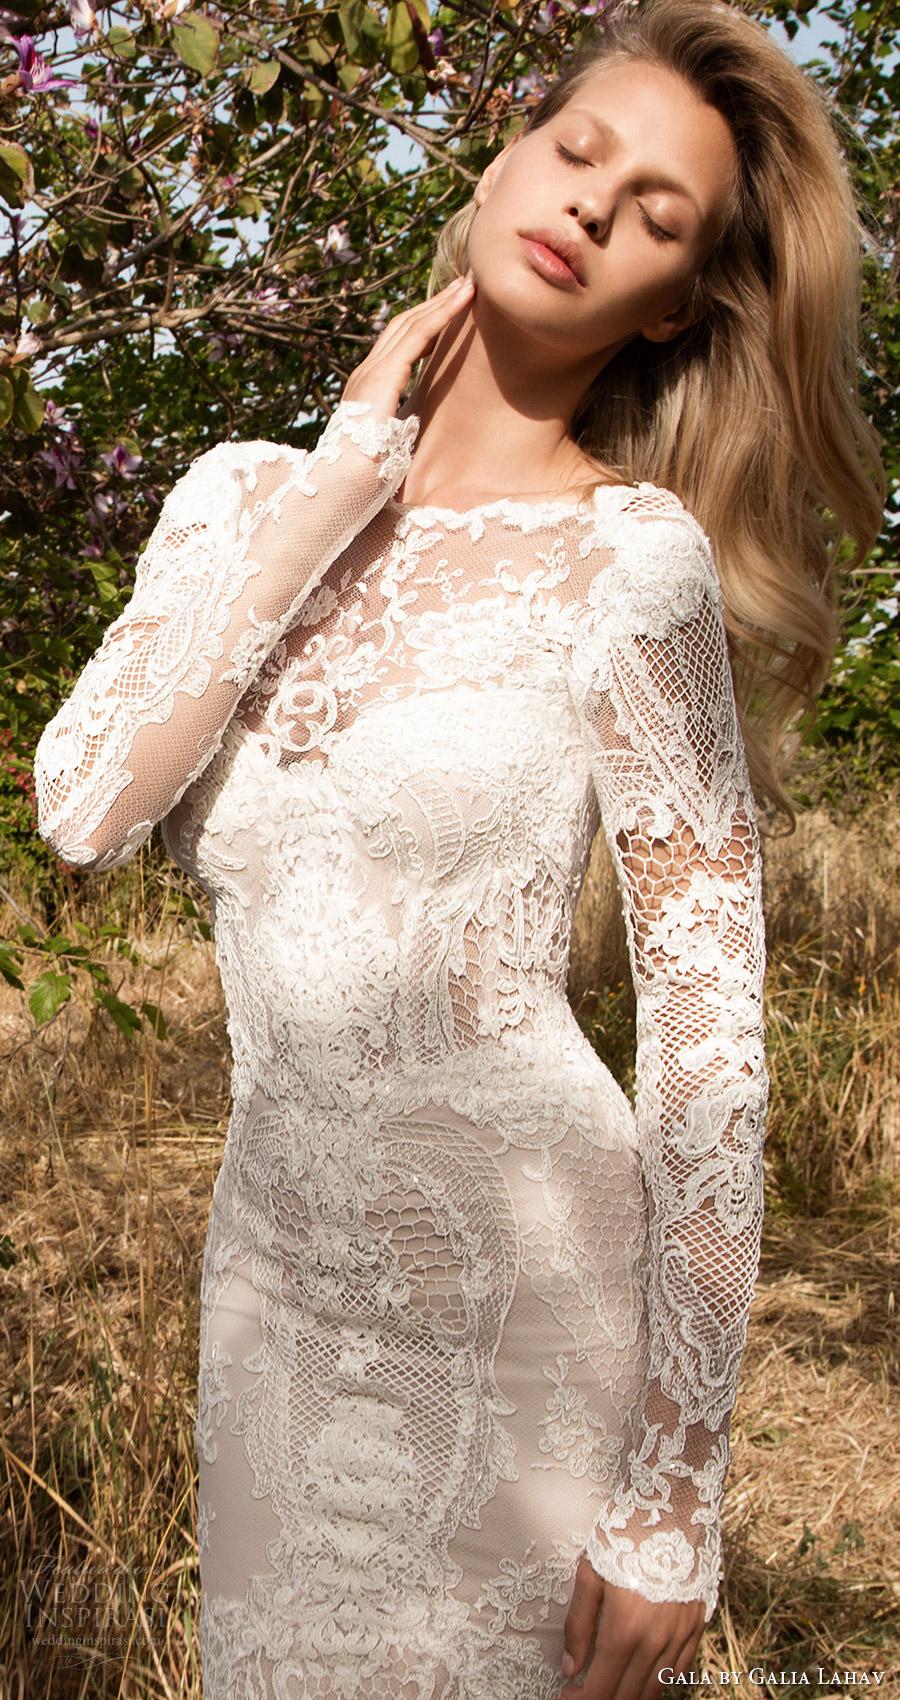 cuello joya de vestido de novia de encaje sirena mangas largas gala galia Lahav primavera 2017 ilusión (705) ZFV